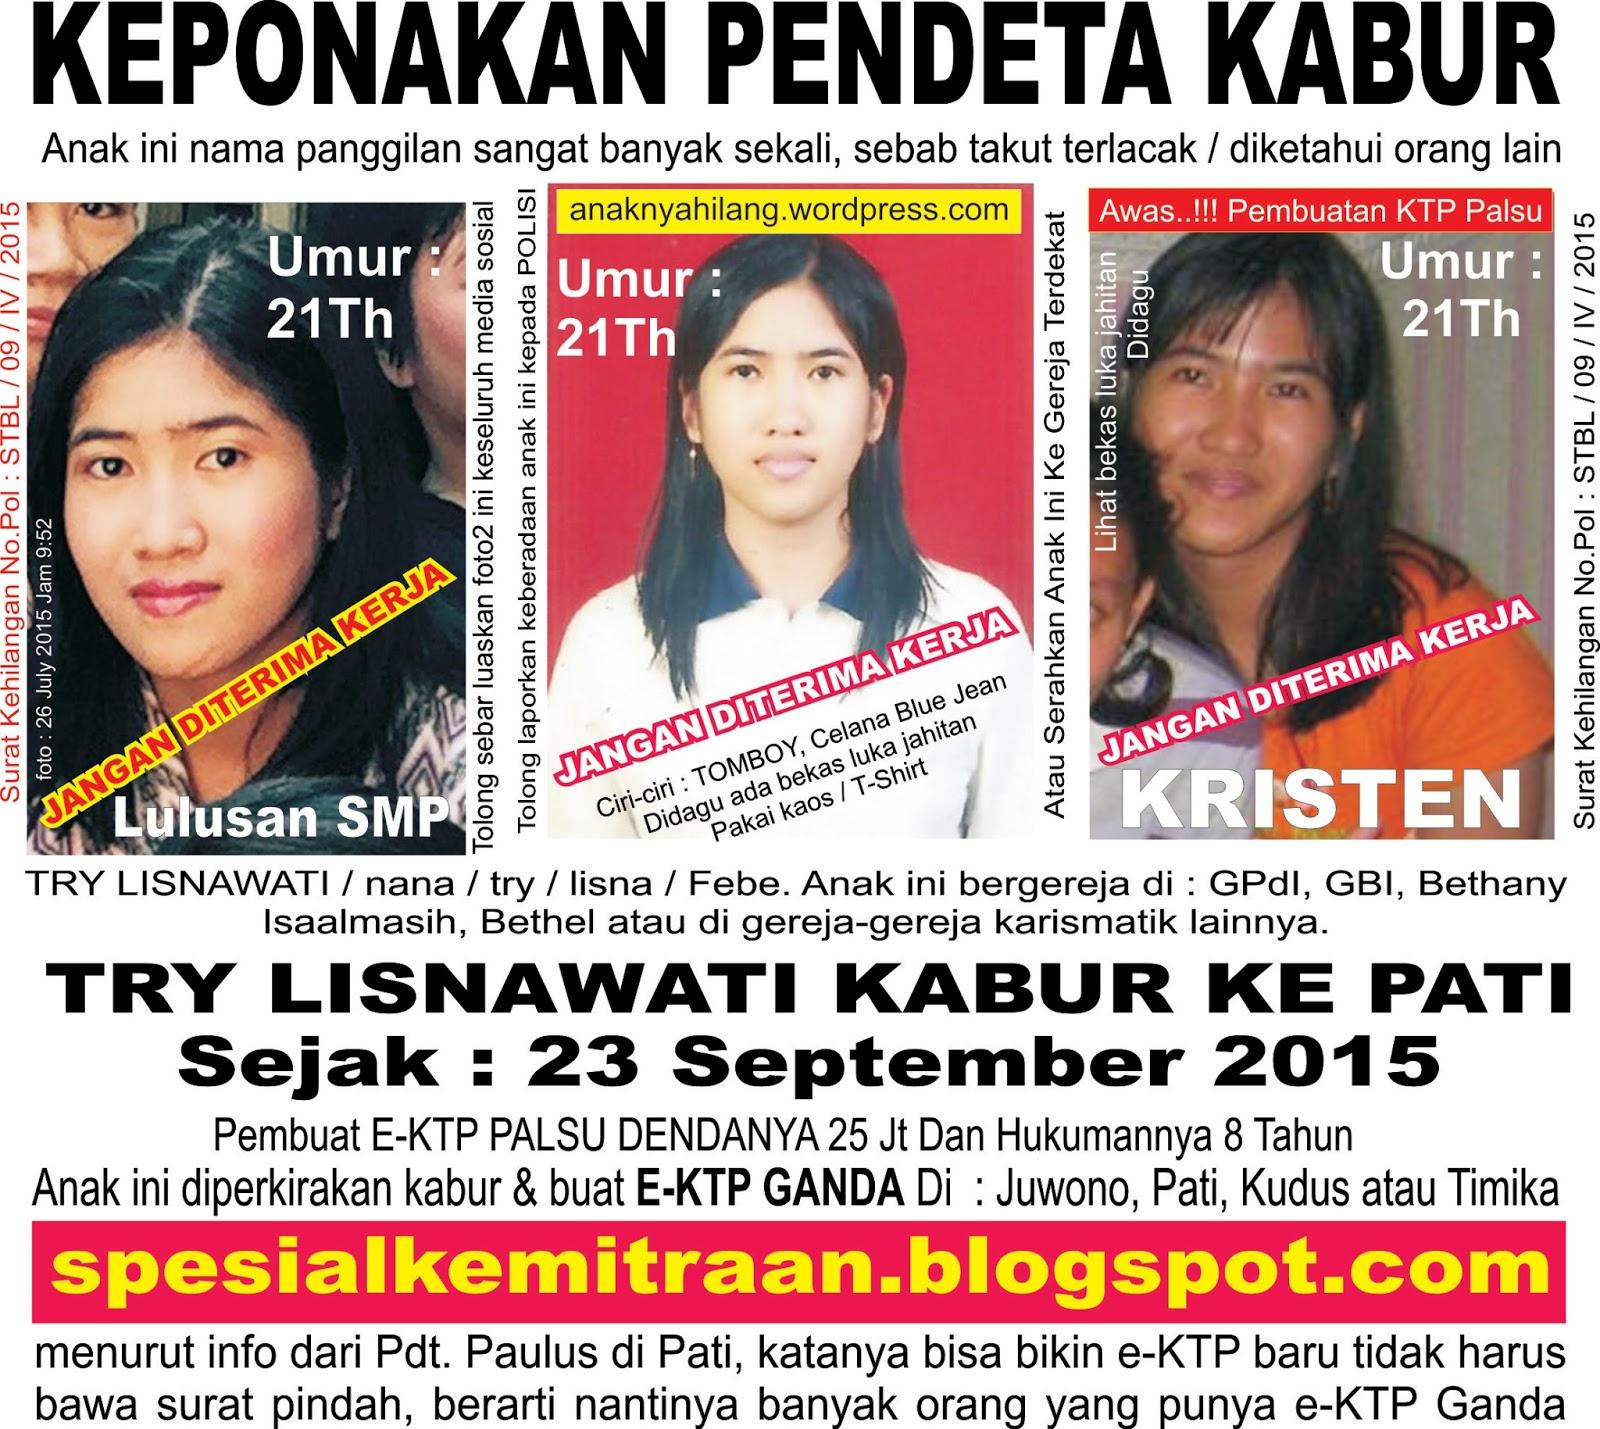 Wallpaper Custom 3d Kota Bandung Jawa Barat Tour And Travel Jual Tiket Promo Jasa Antar Jemput